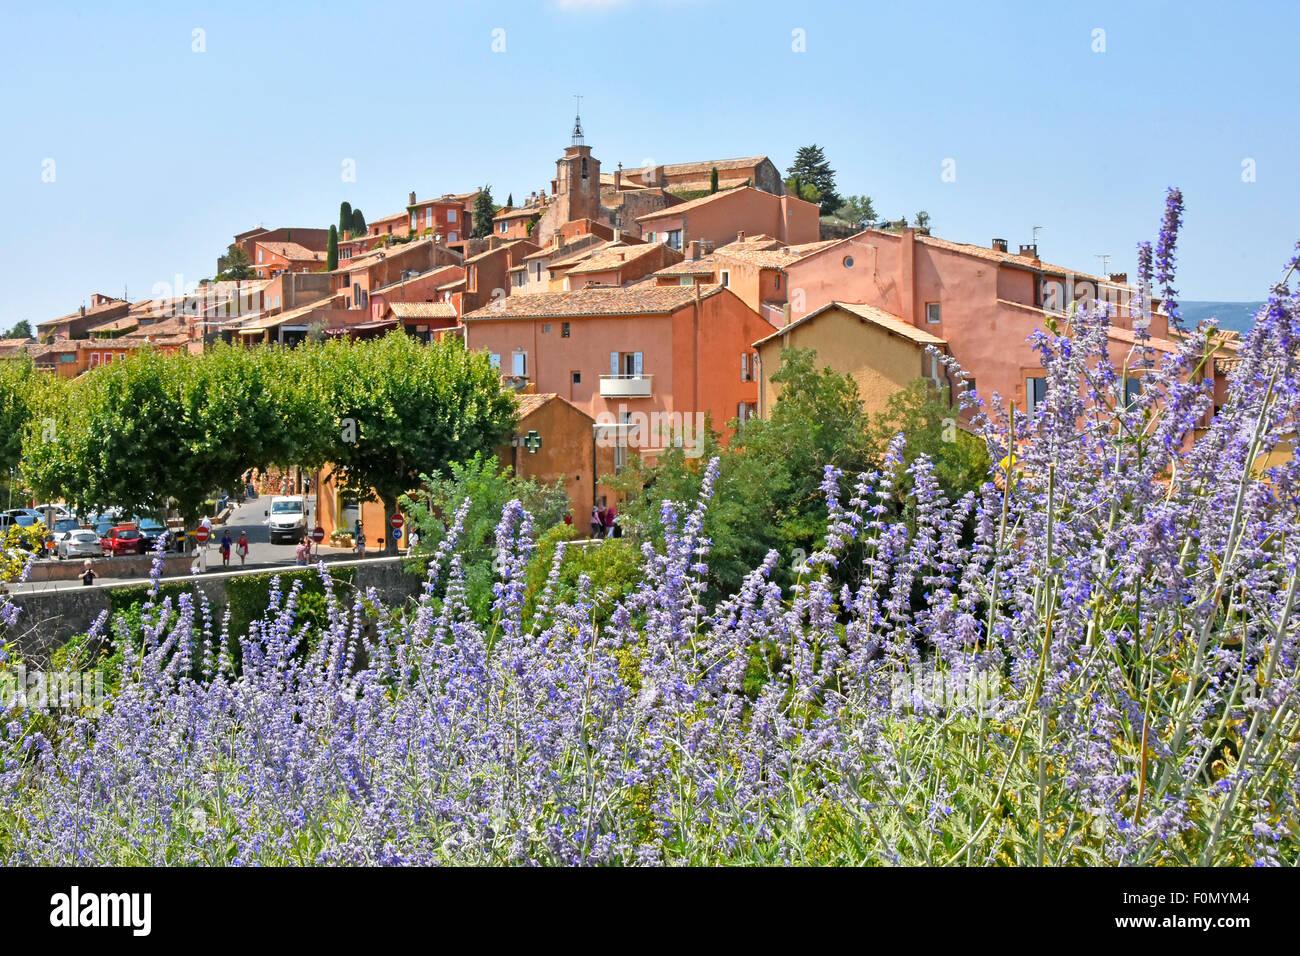 Maisons dans la colline touristique commune de Roussillon dans le Vaucluse en Provence le sud-est de la France Photo Stock